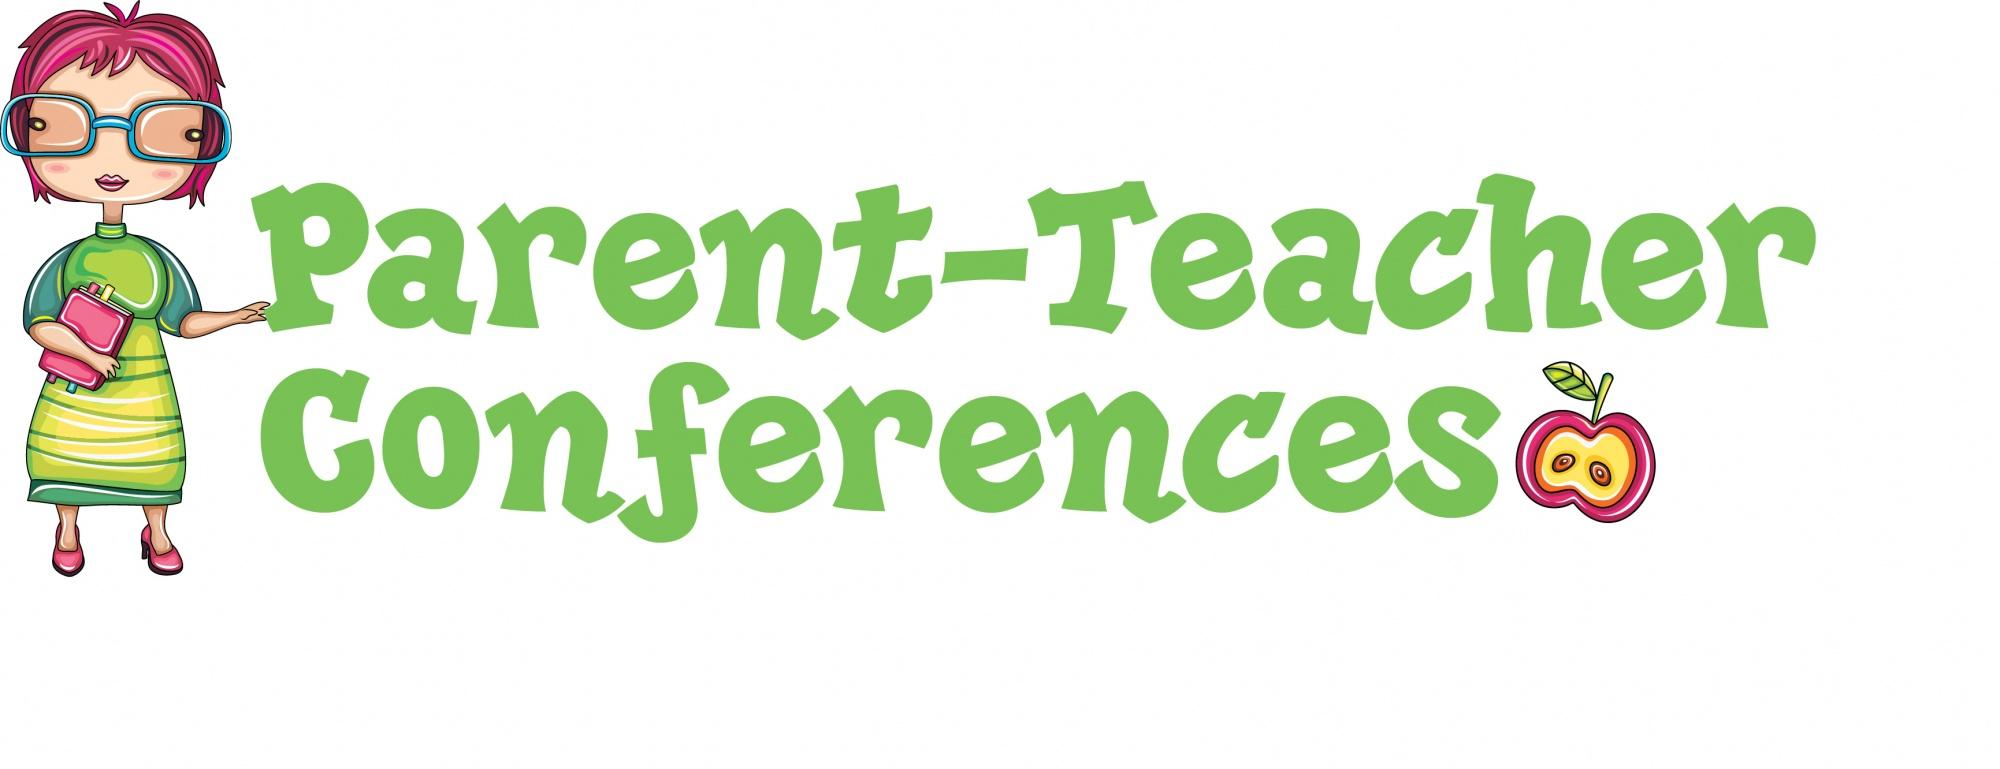 Parent Teacher Conference Clipart Images.